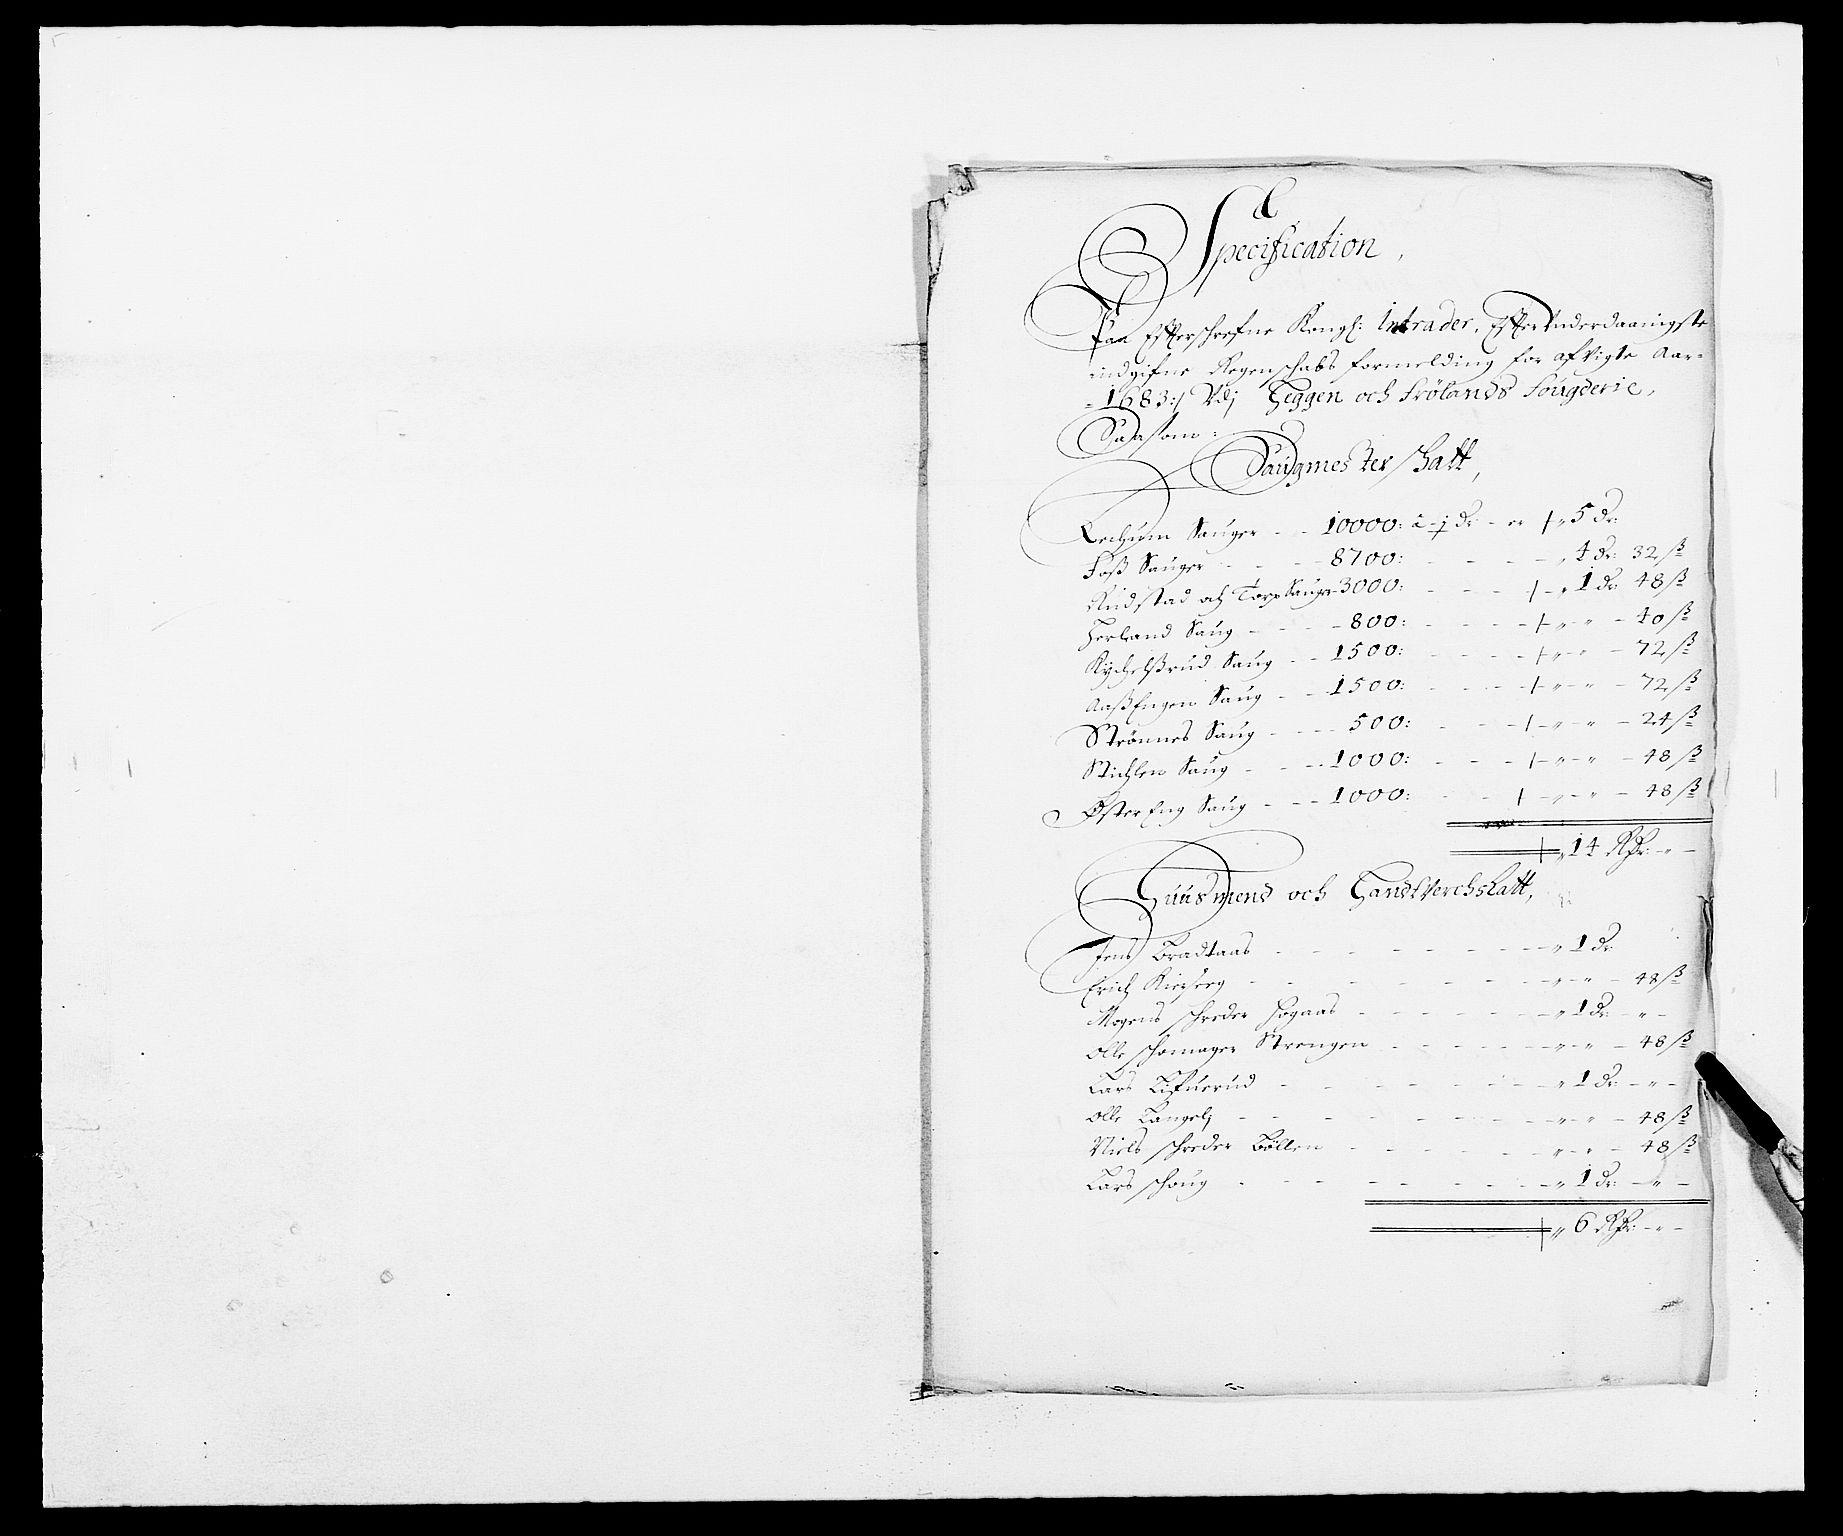 RA, Rentekammeret inntil 1814, Reviderte regnskaper, Fogderegnskap, R06/L0280: Fogderegnskap Heggen og Frøland, 1681-1684, s. 379